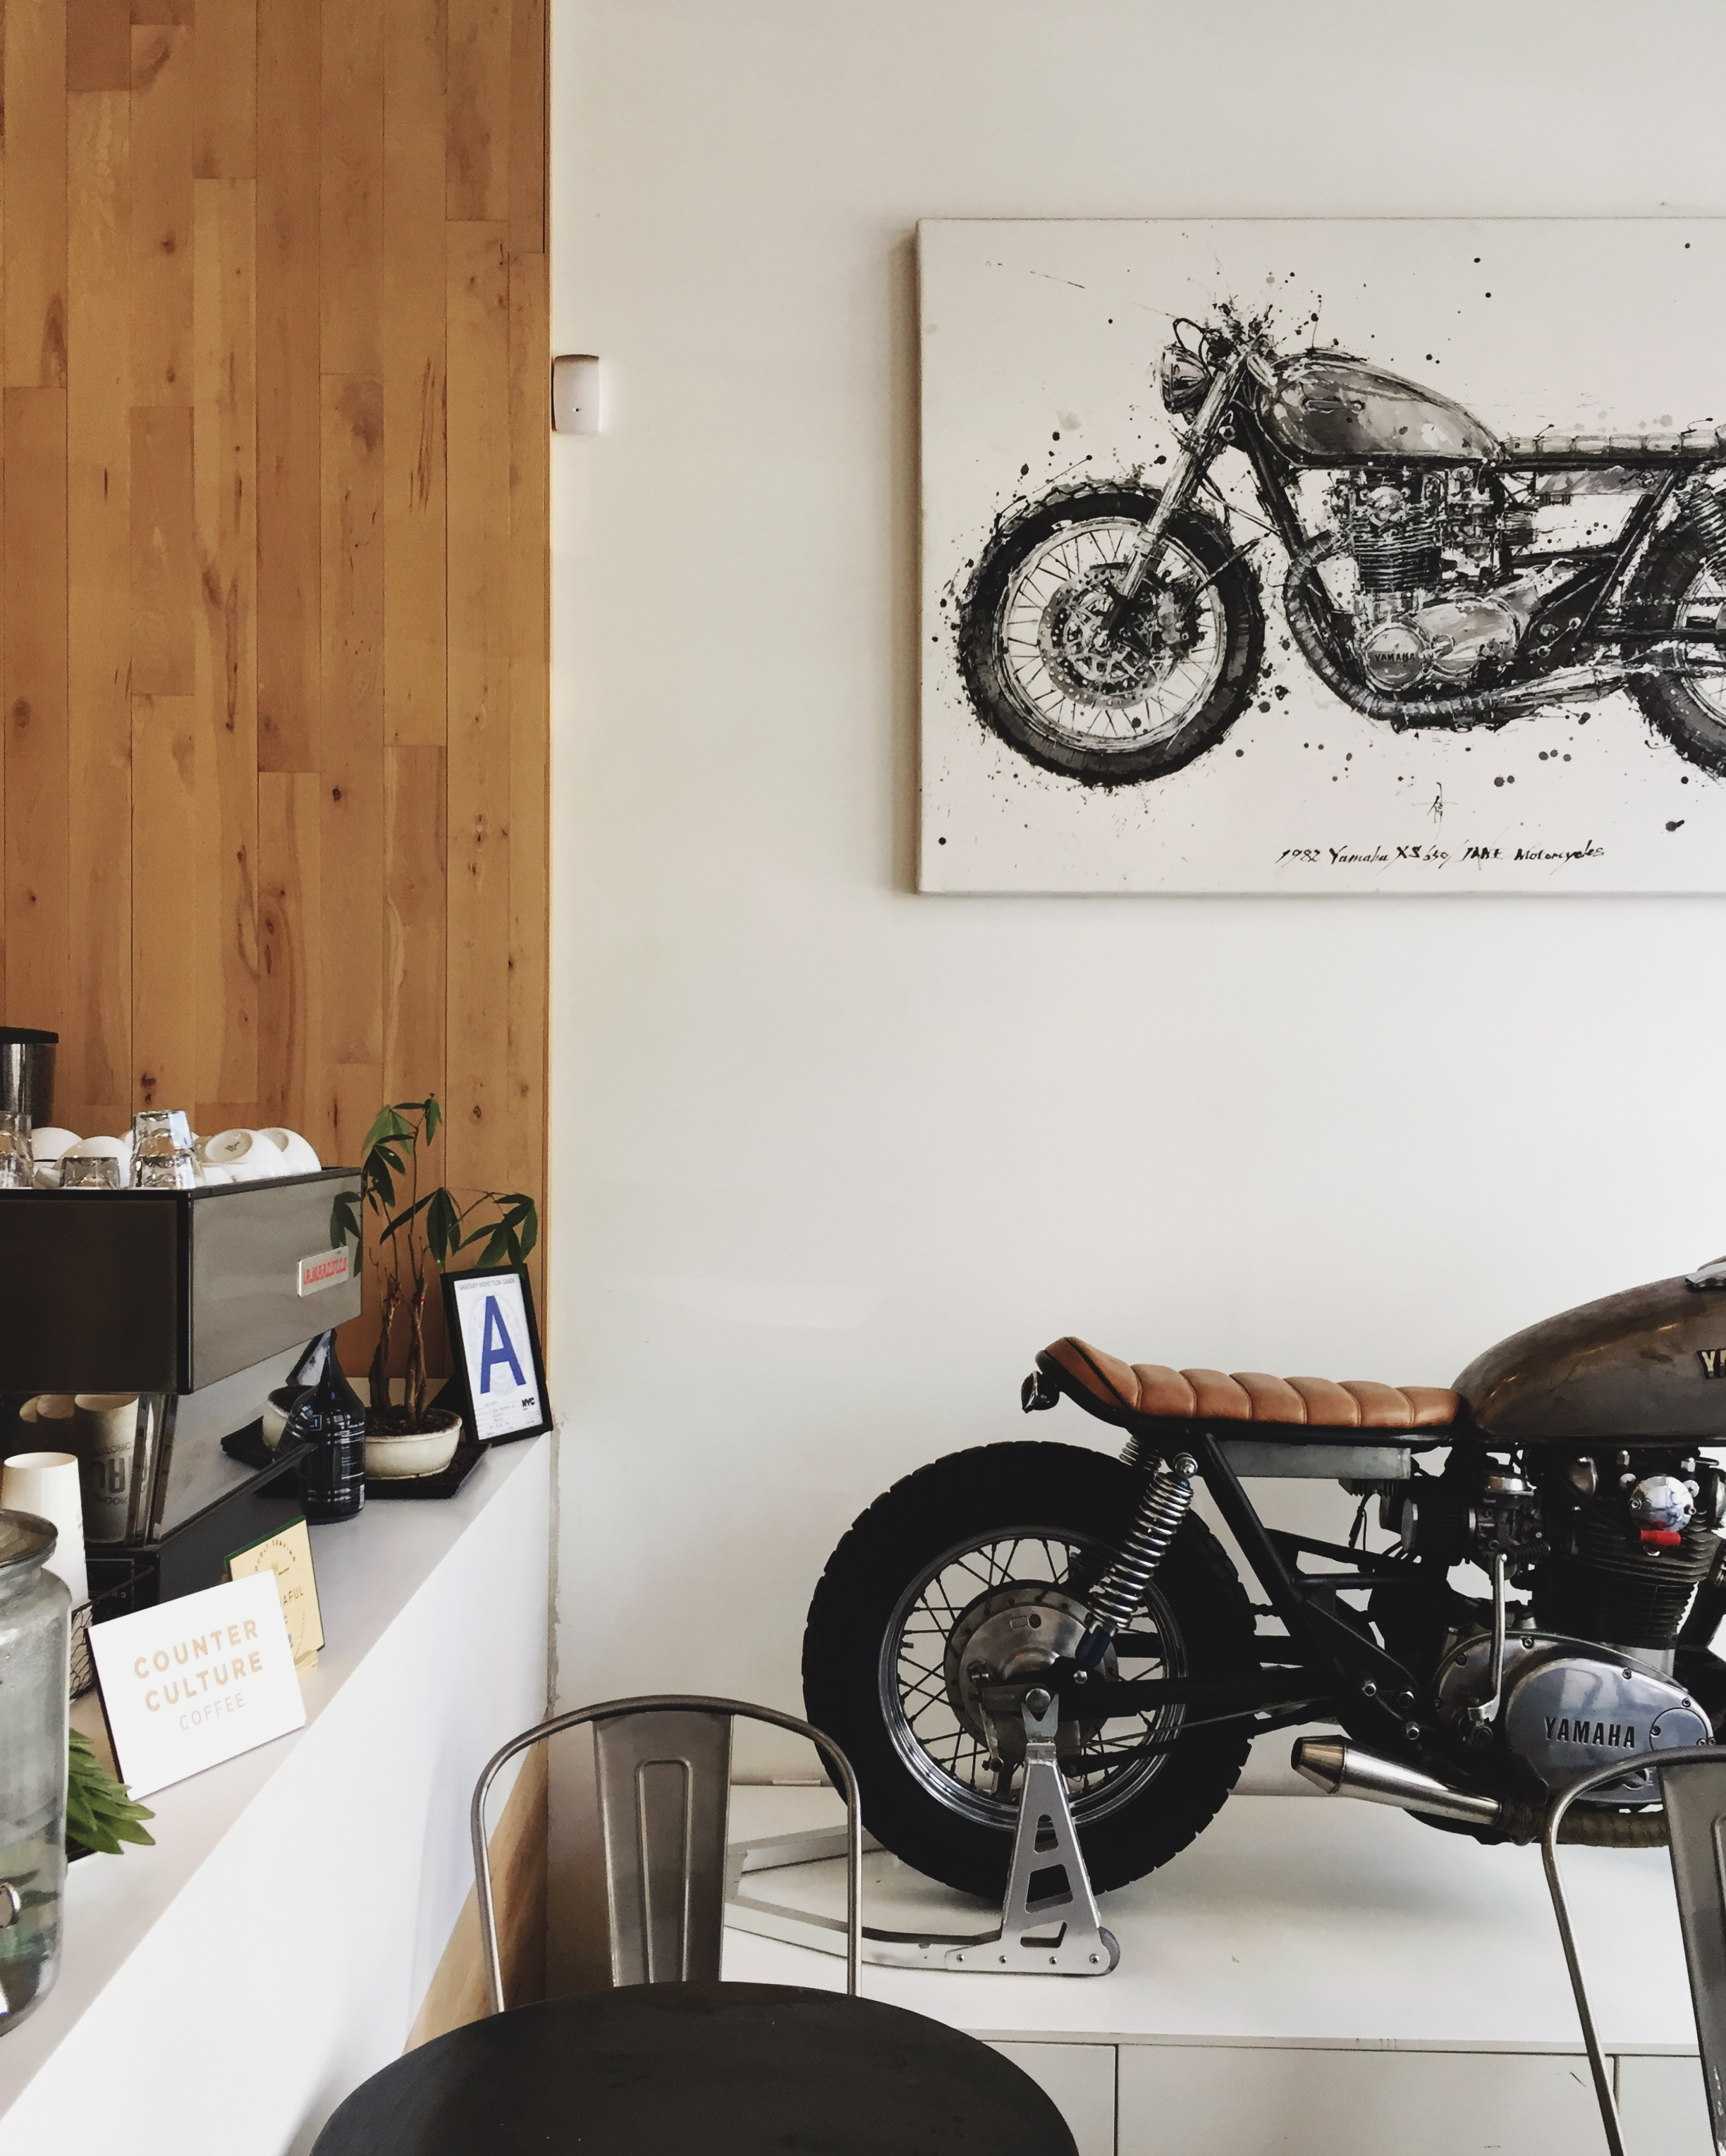 Jane Motorcycles / Williamsburg, New York